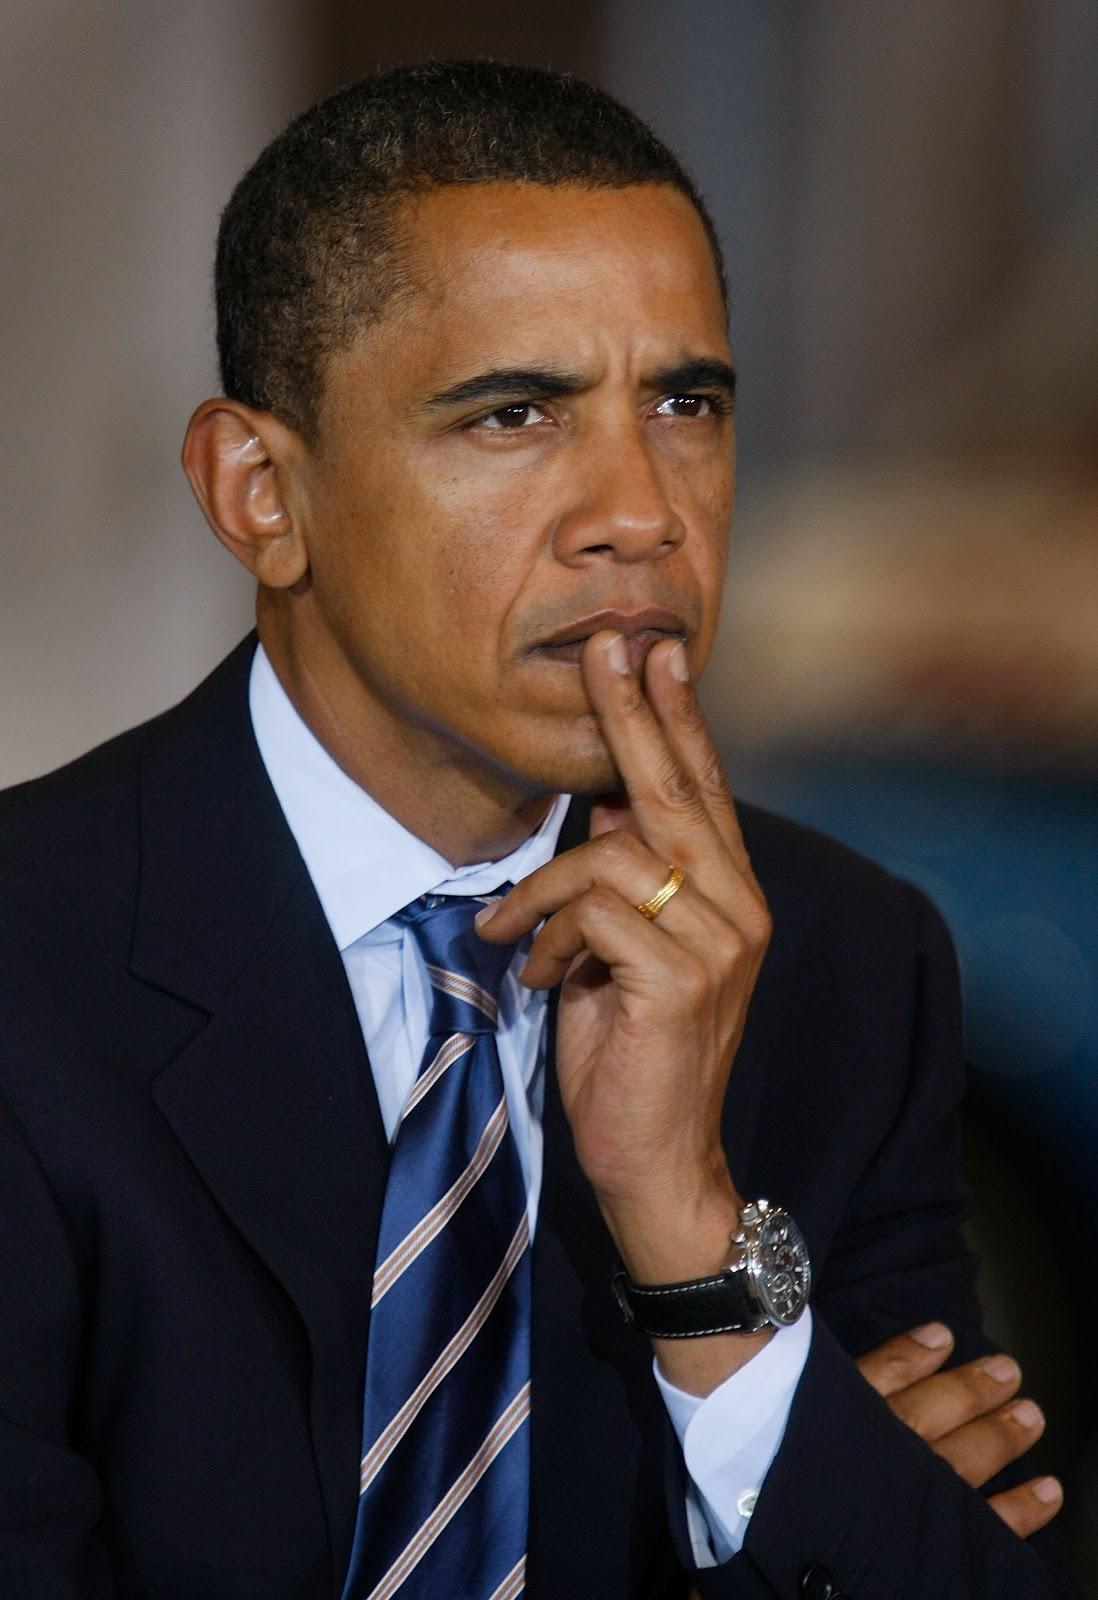 barack obama funny jokes - photo #42